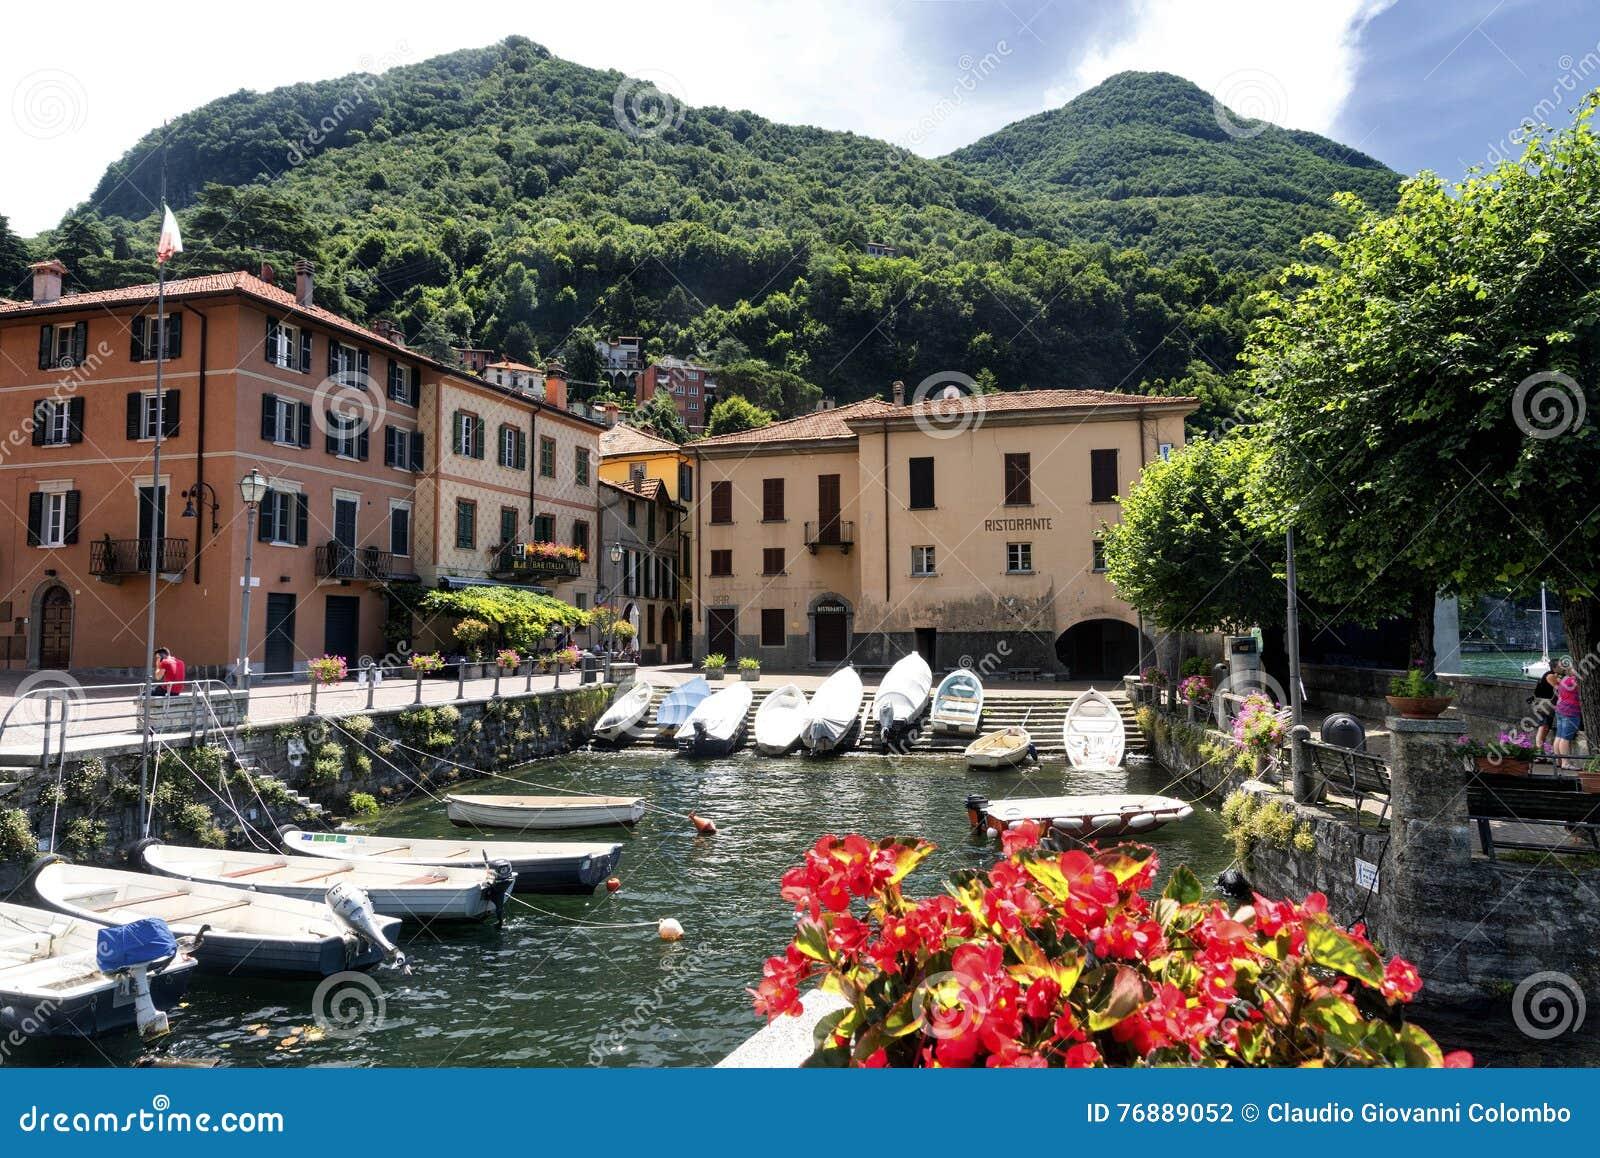 Torno (Como), village along the Lario